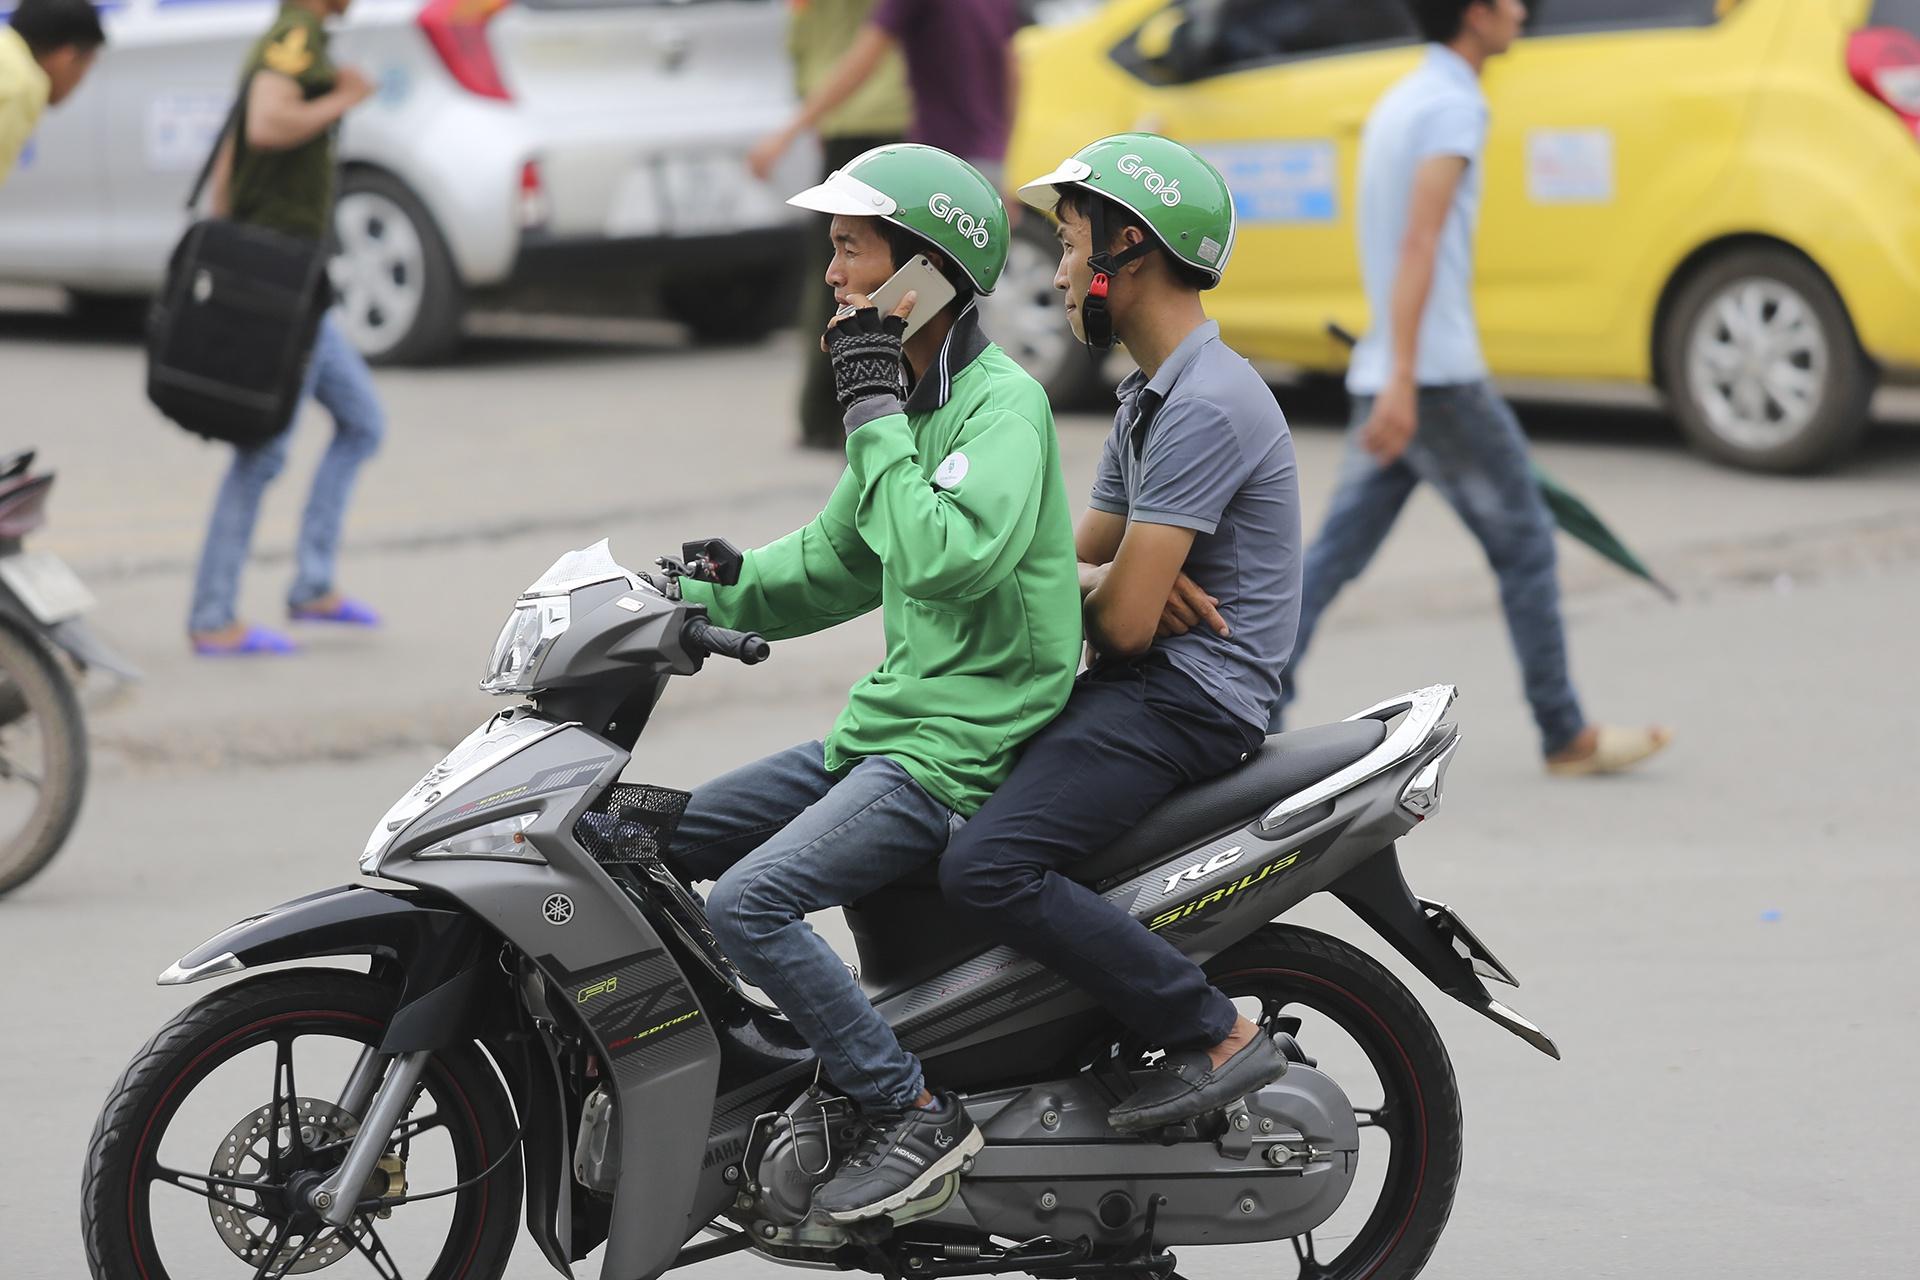 Grab có khoảng 175.000 tài xế ở Việt Nam. Ảnh: Việt Hùng.